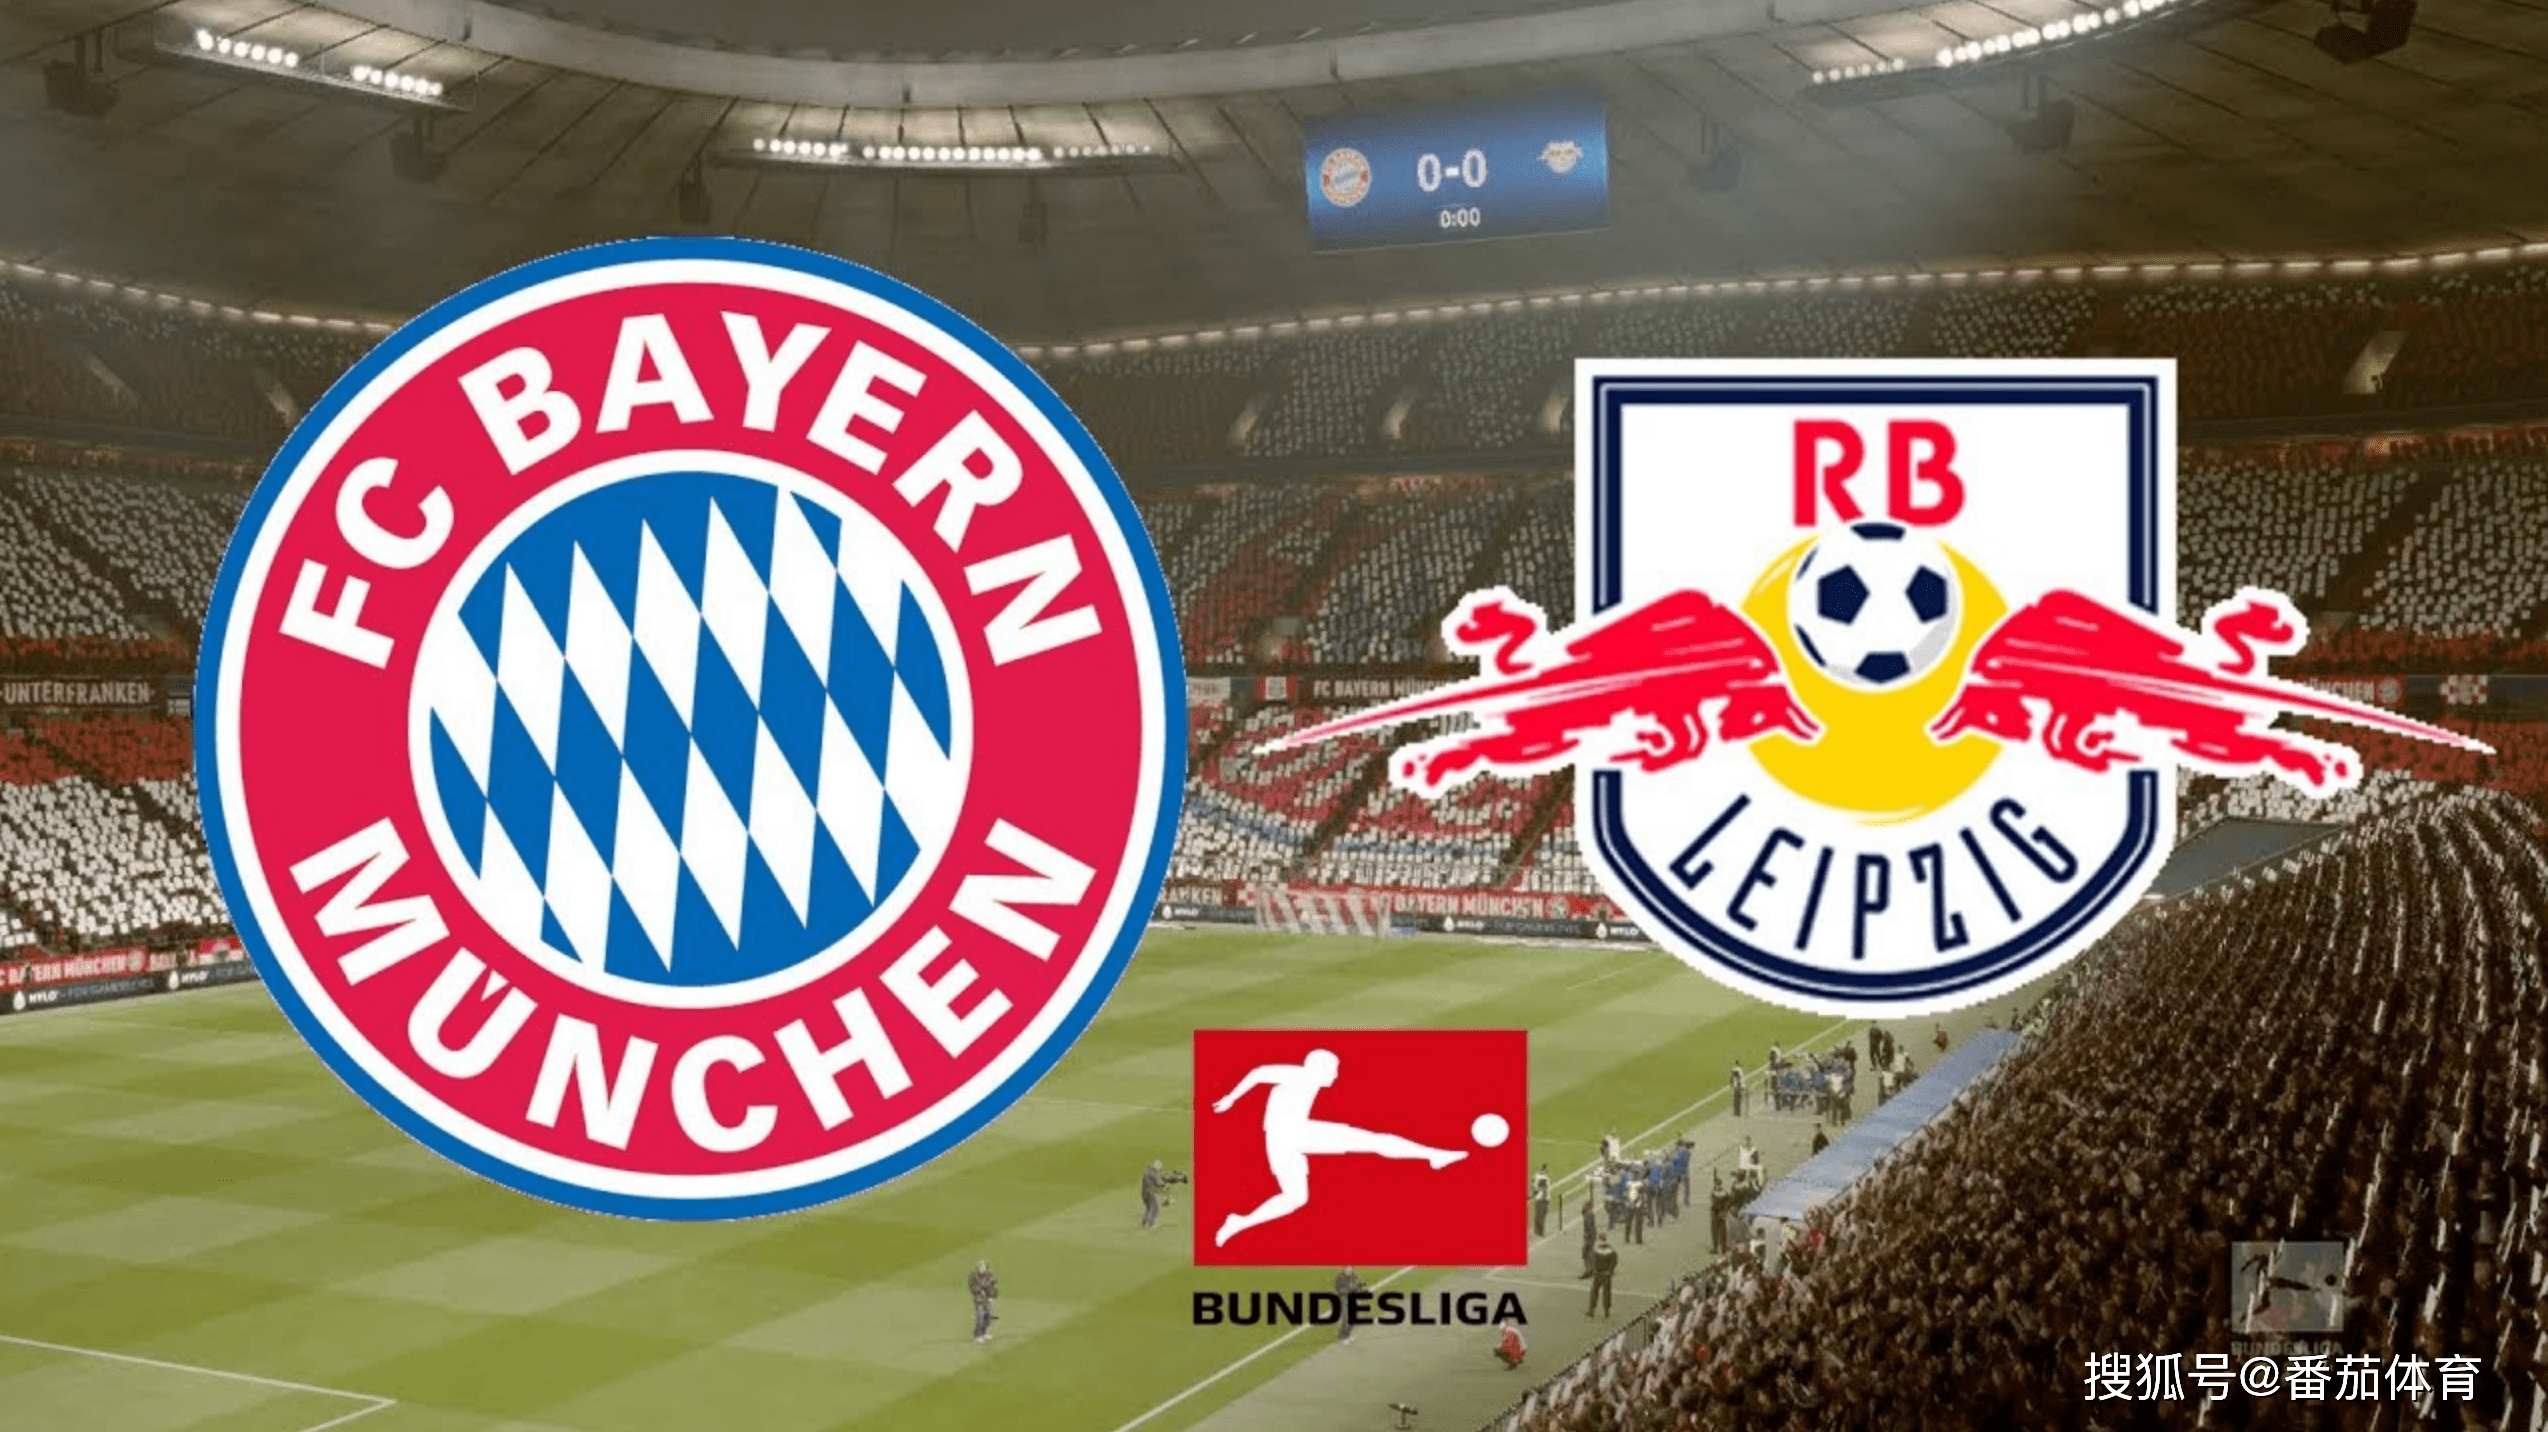 「德甲」拜仁慕尼黑vs莱比锡主场迎战红牛保卫榜首之位